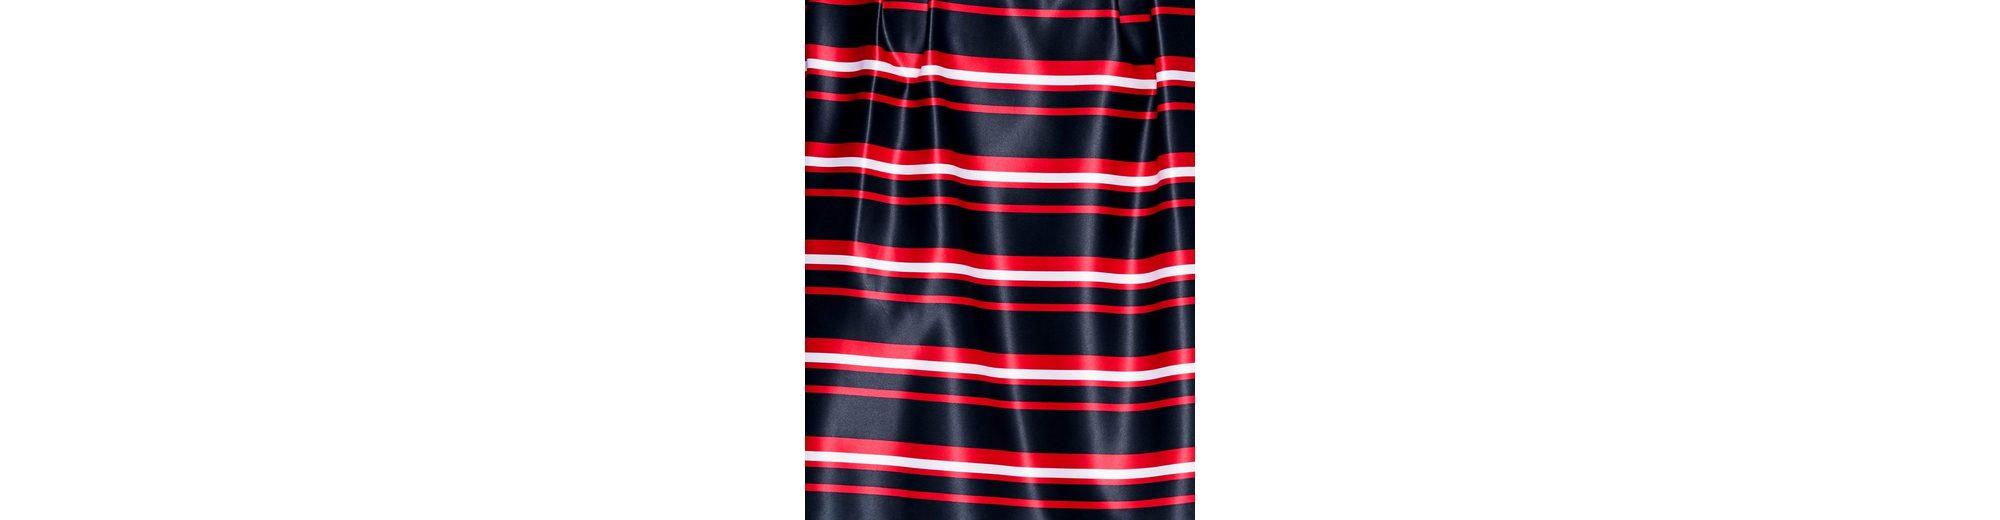 Steckdose Breite Palette Von ASHLEY BROOKE by Heine Bodyform-Druckrock mit Streifendessin Auslass Sneakernews Rabatt-Countdown-Paket Niedrig Versandkosten Für Verkauf sMQWB7